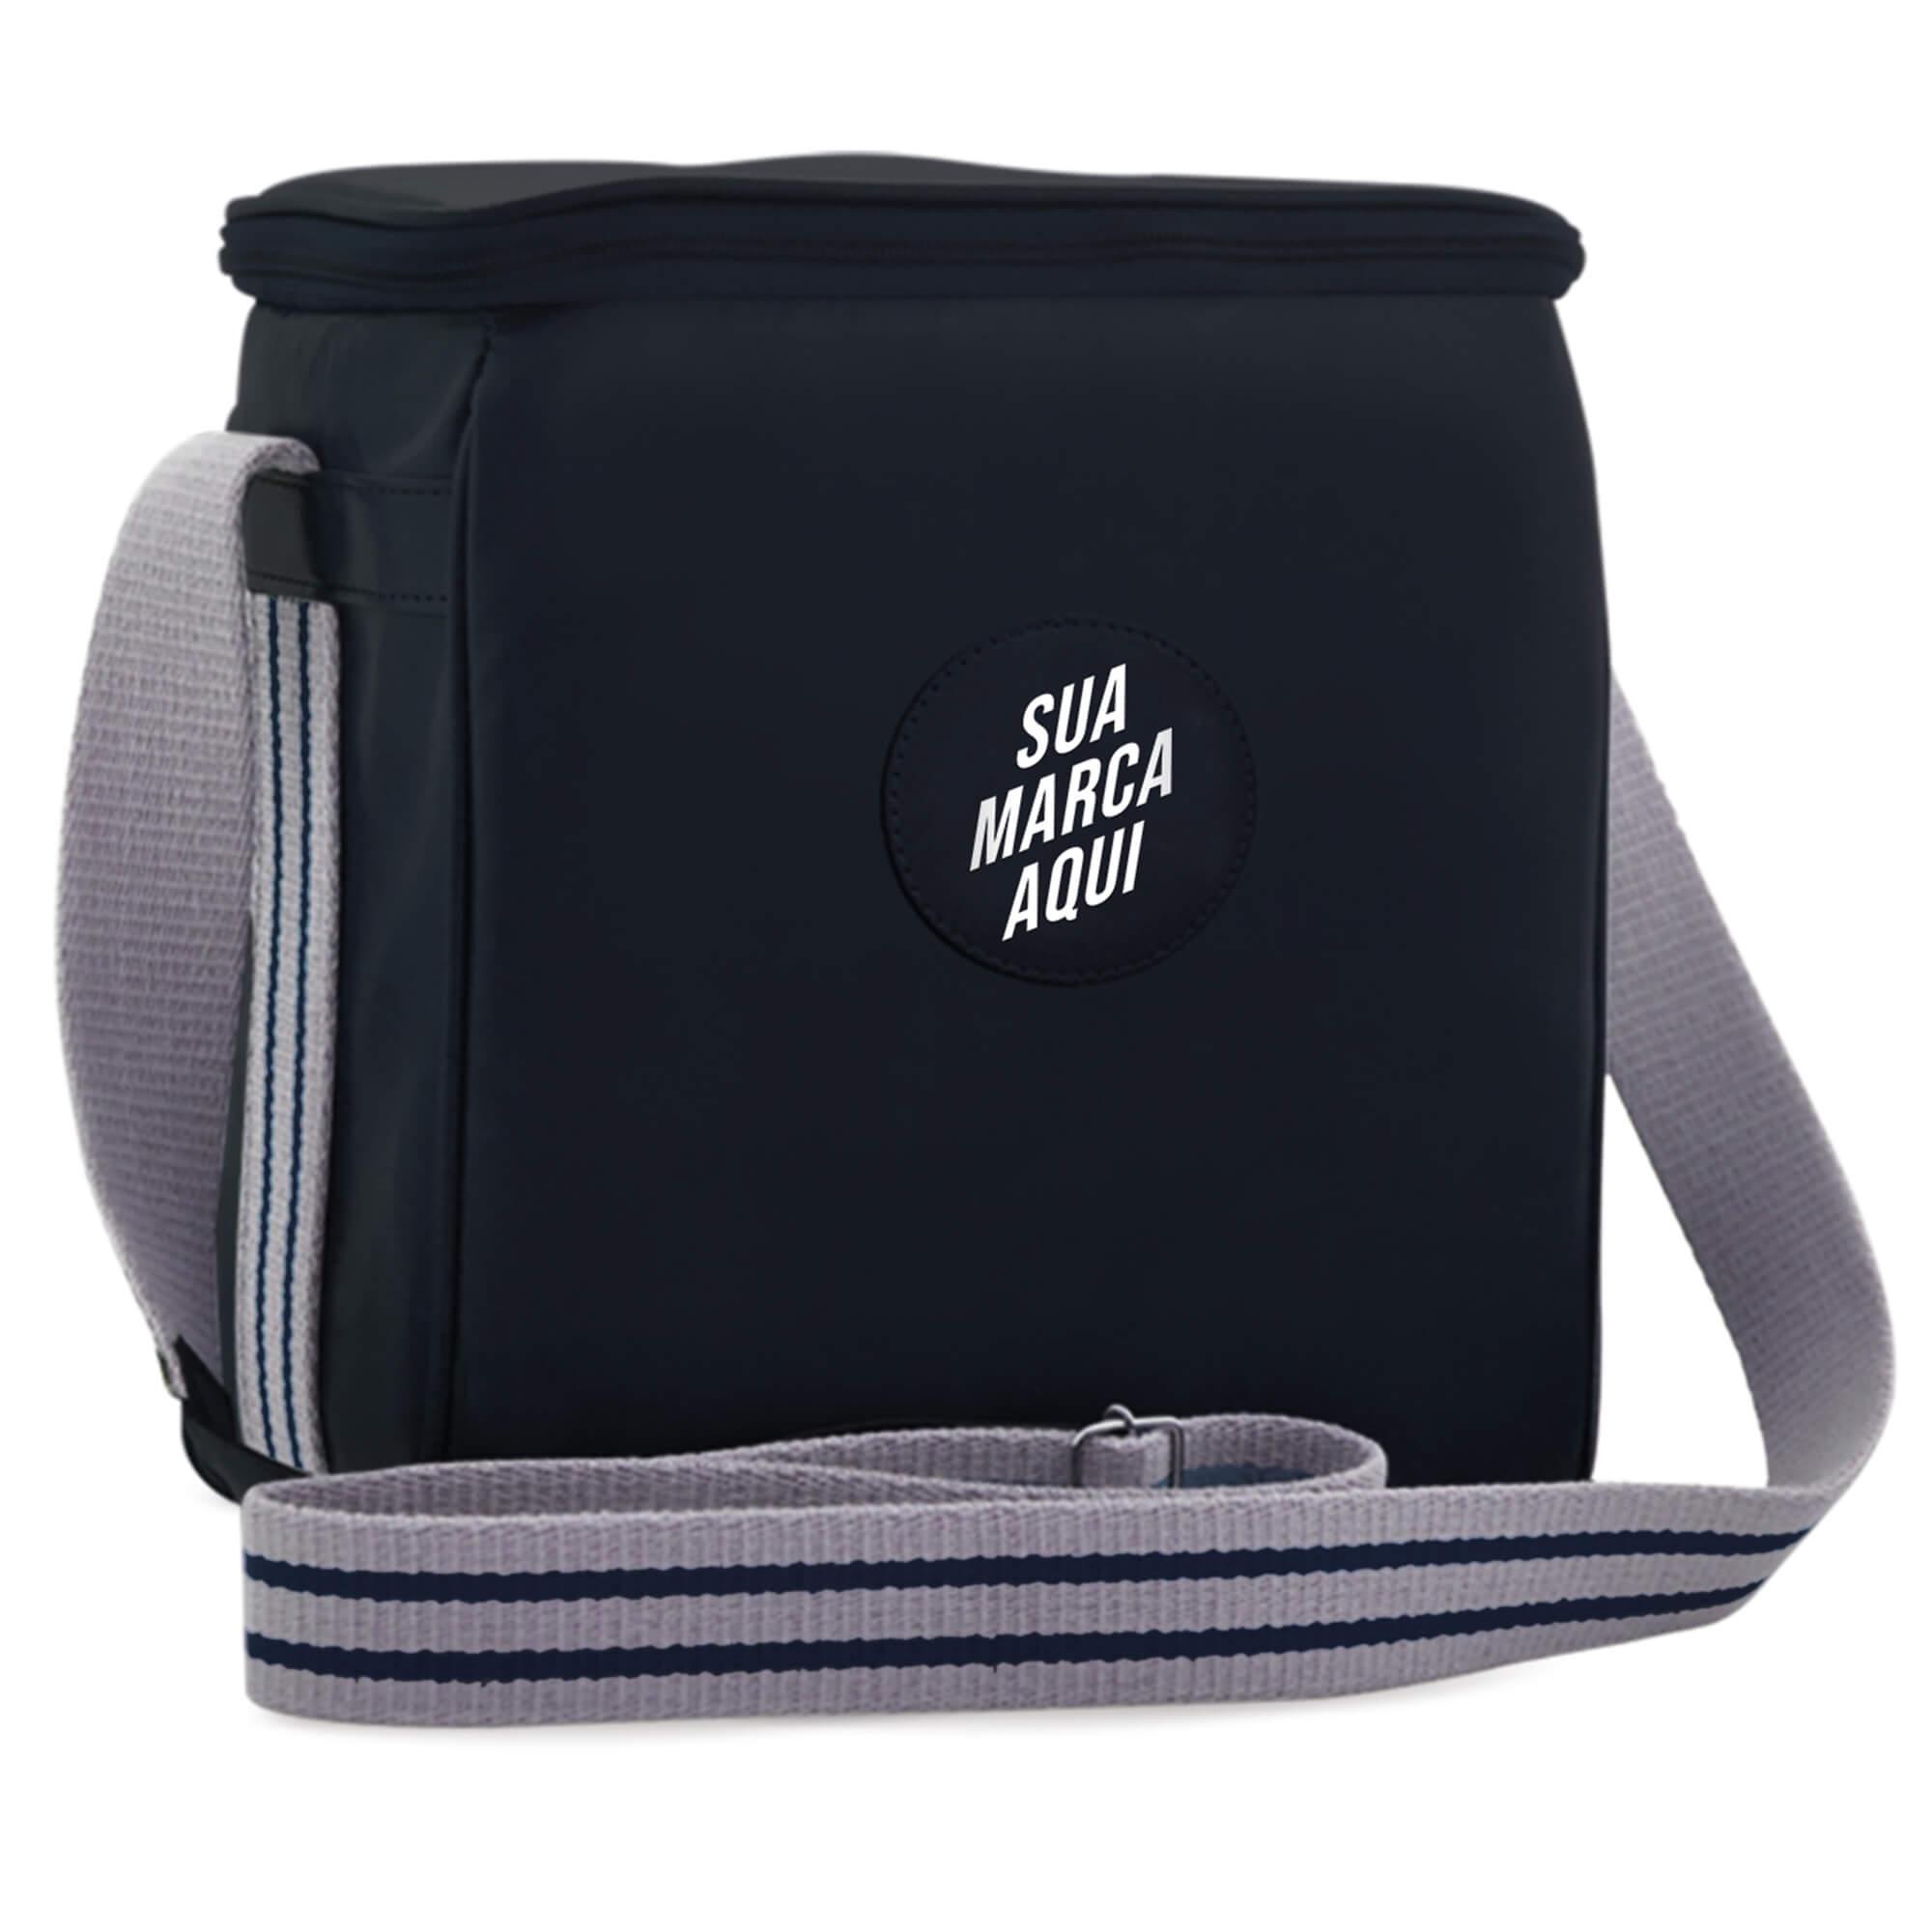 Growler Bag Travel em couro sintético personalizada para 2 growlers